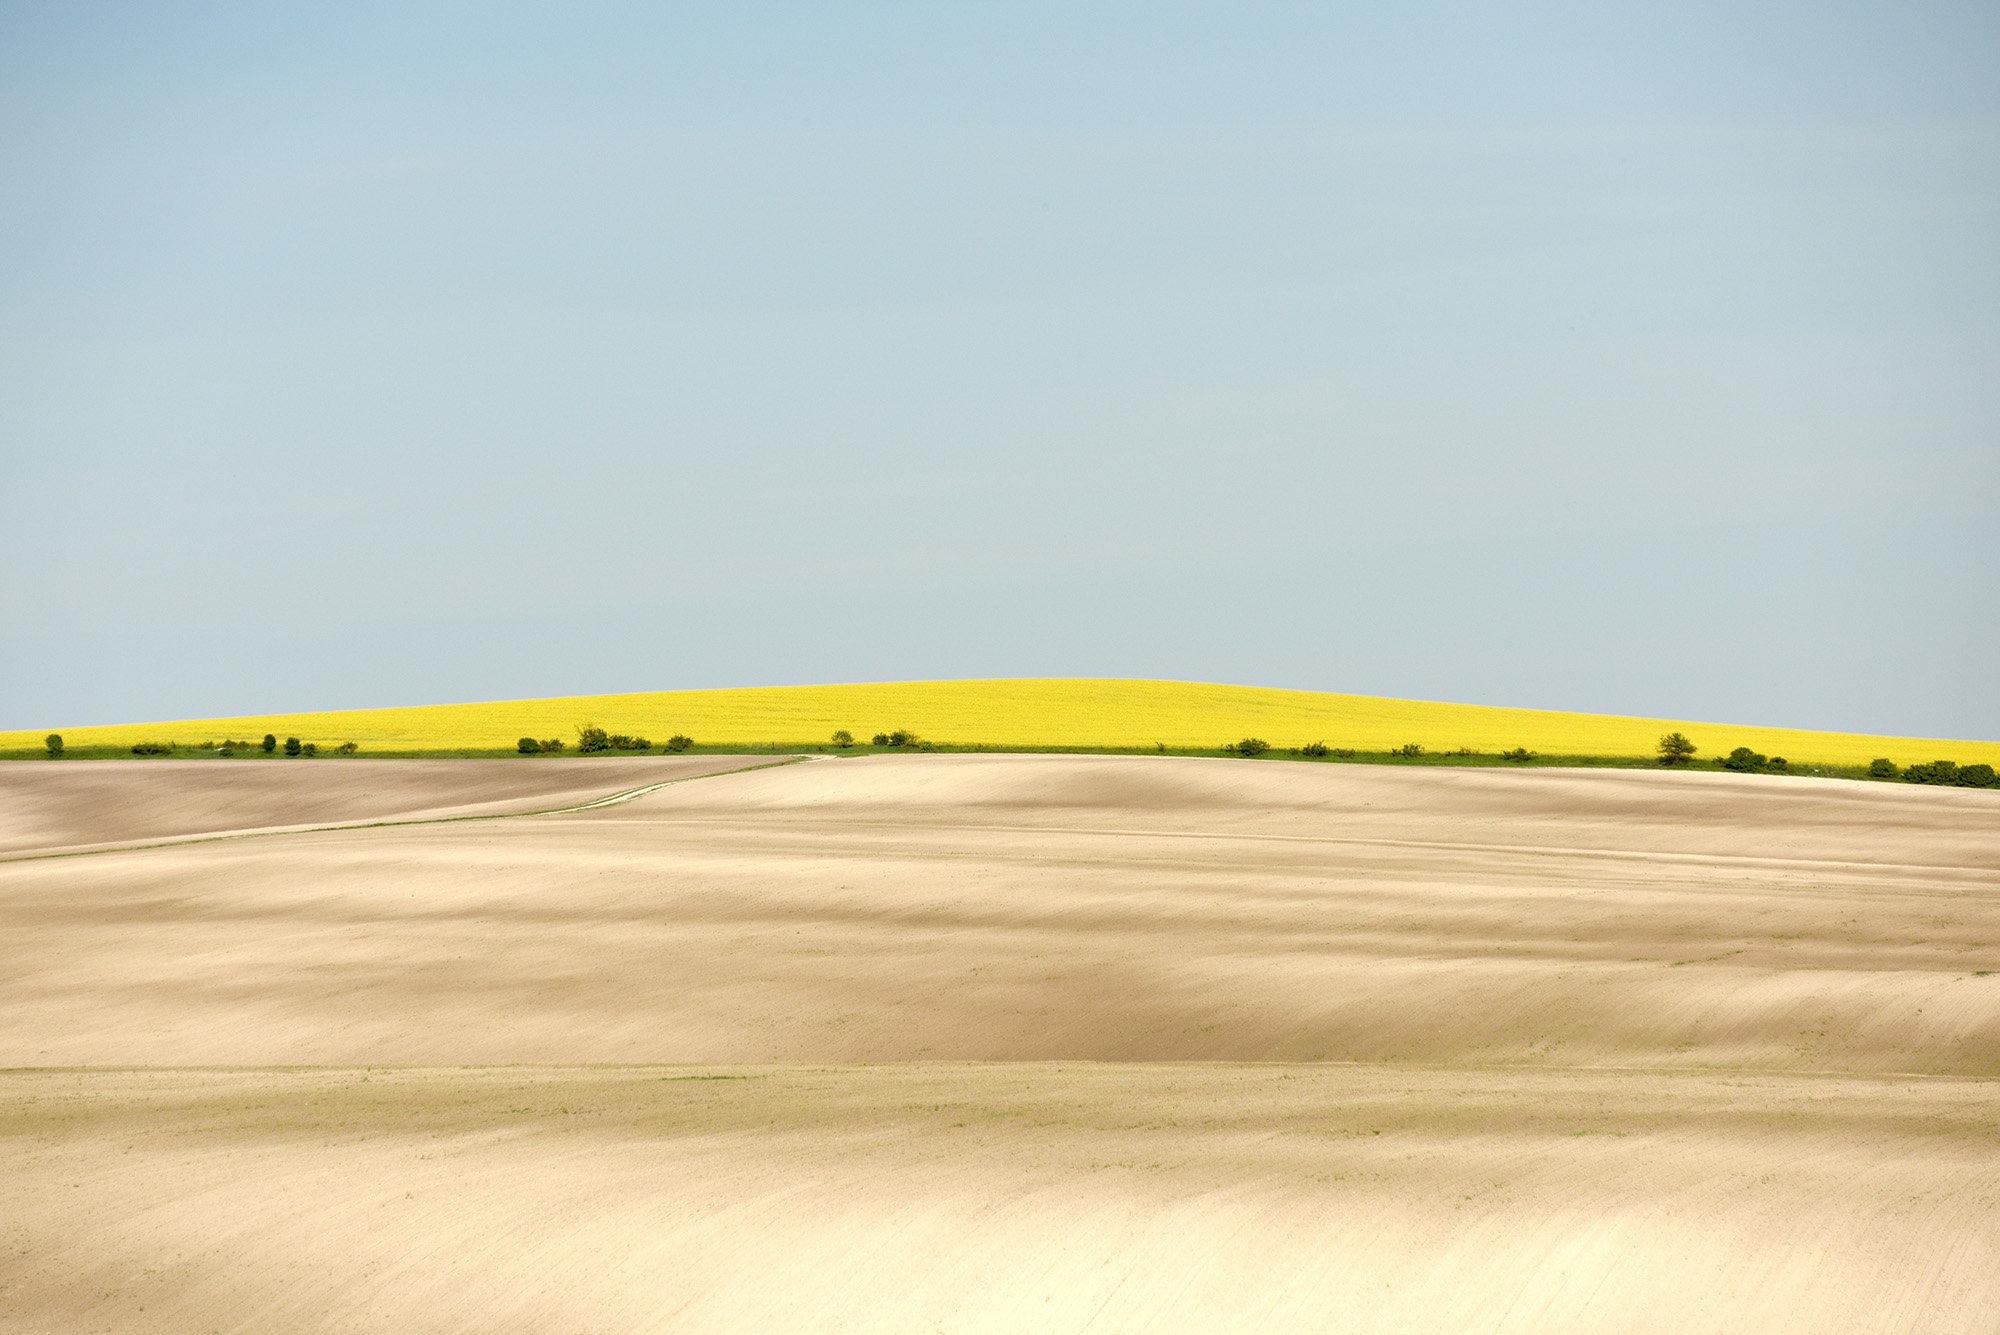 Terra Galicia_(Yurko Dyachyshyn)_15.jpg